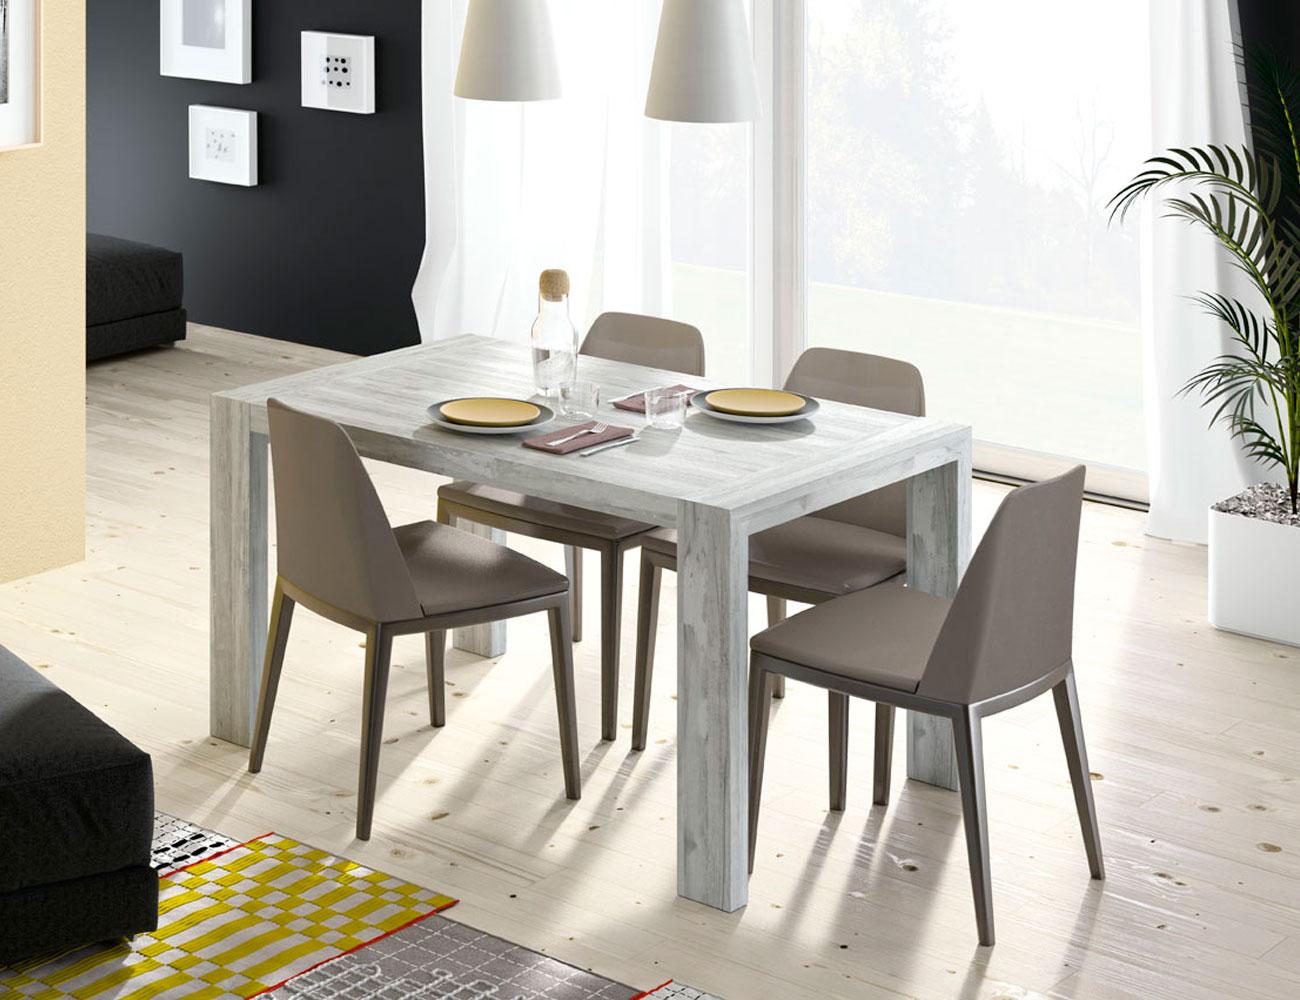 173 mesa rectangular pata deslizante artic10